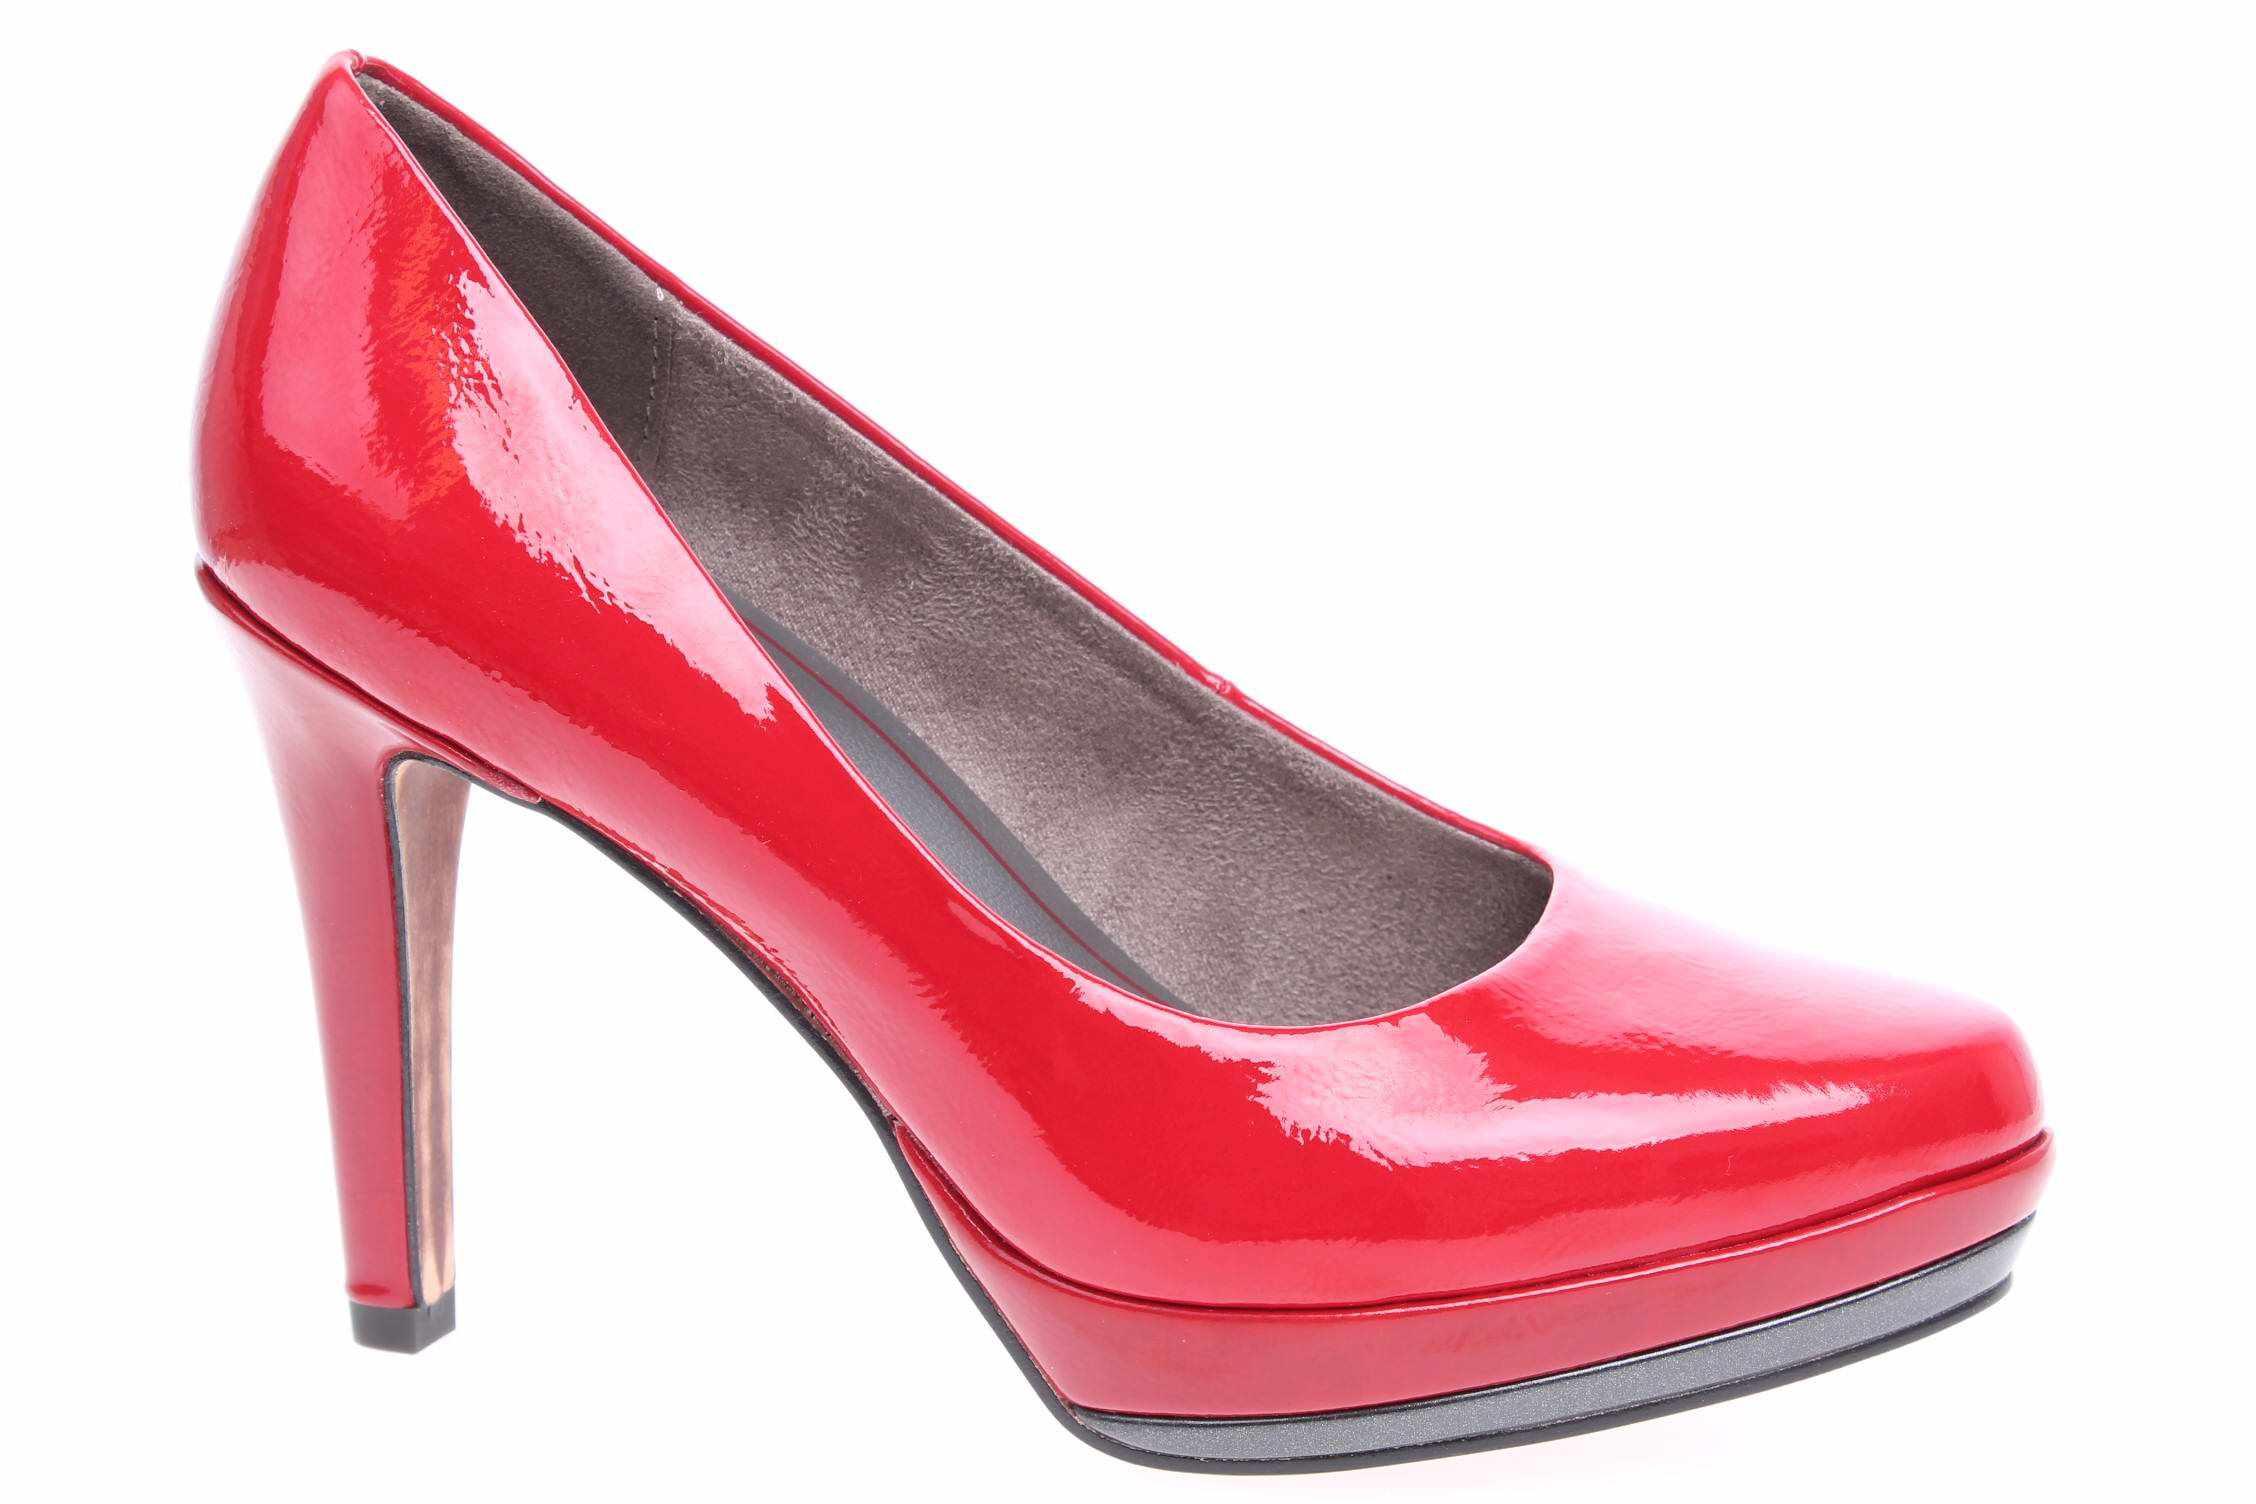 Marco Tozzi dámské lodičky 2-22444-39 červené velikost 40  eded17cbe8